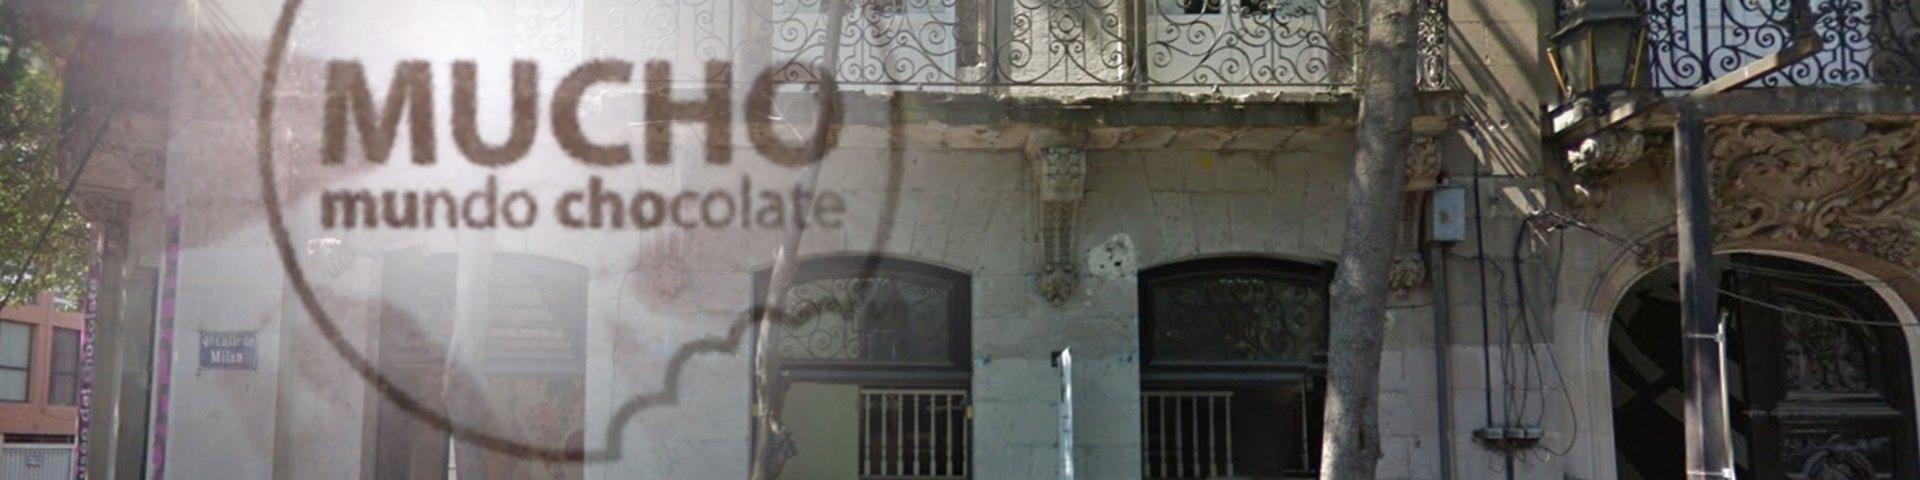 Fachada sobre la calle de Milán en la colonia Juárez del Museo del Chocolate.